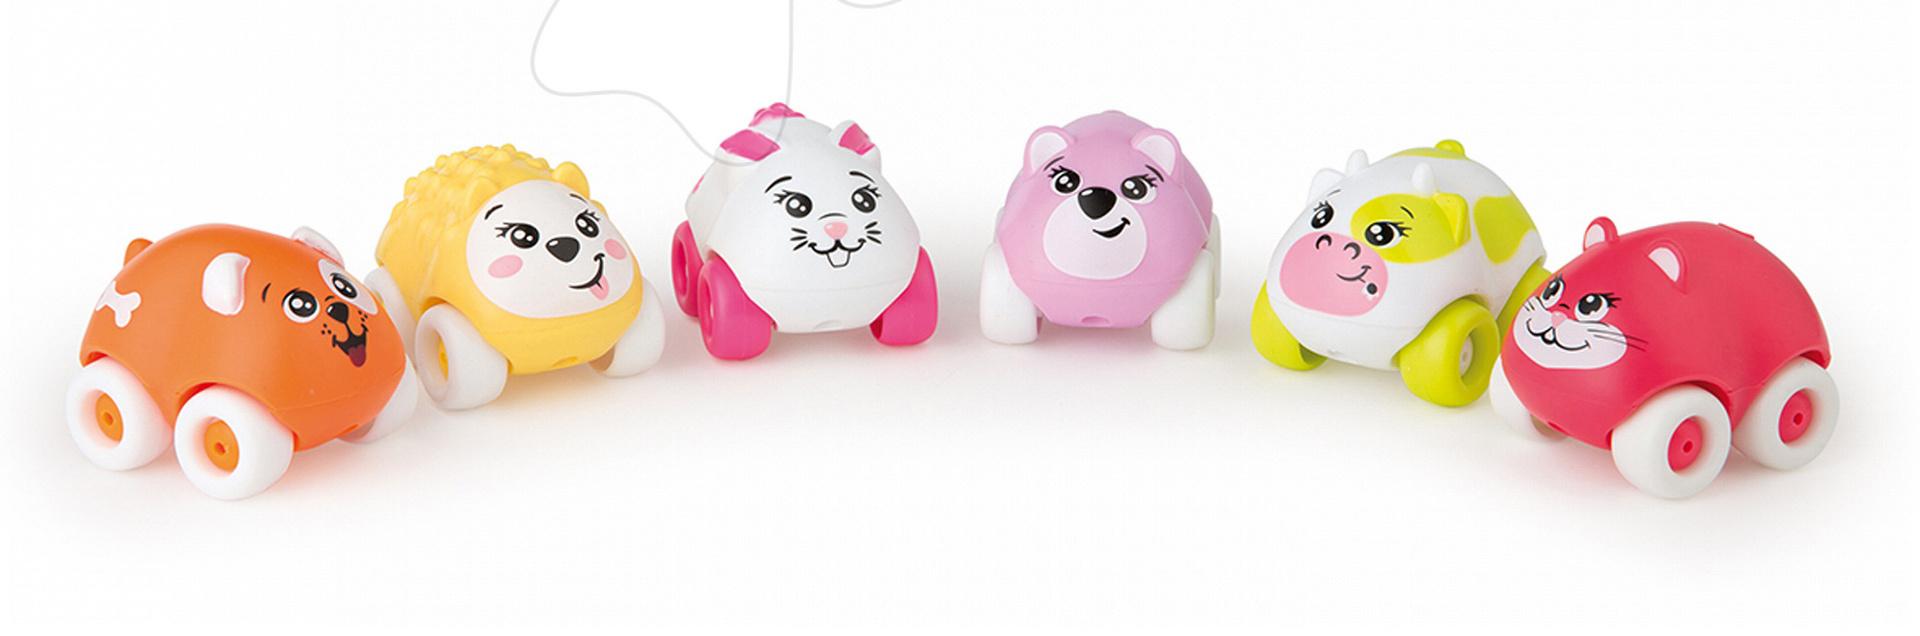 Zvířátko na kolečkách Sweet Planet Smoby pejsek, ježek, zajíček, myška, kočička, kravička 7 cm od 12 měsíců